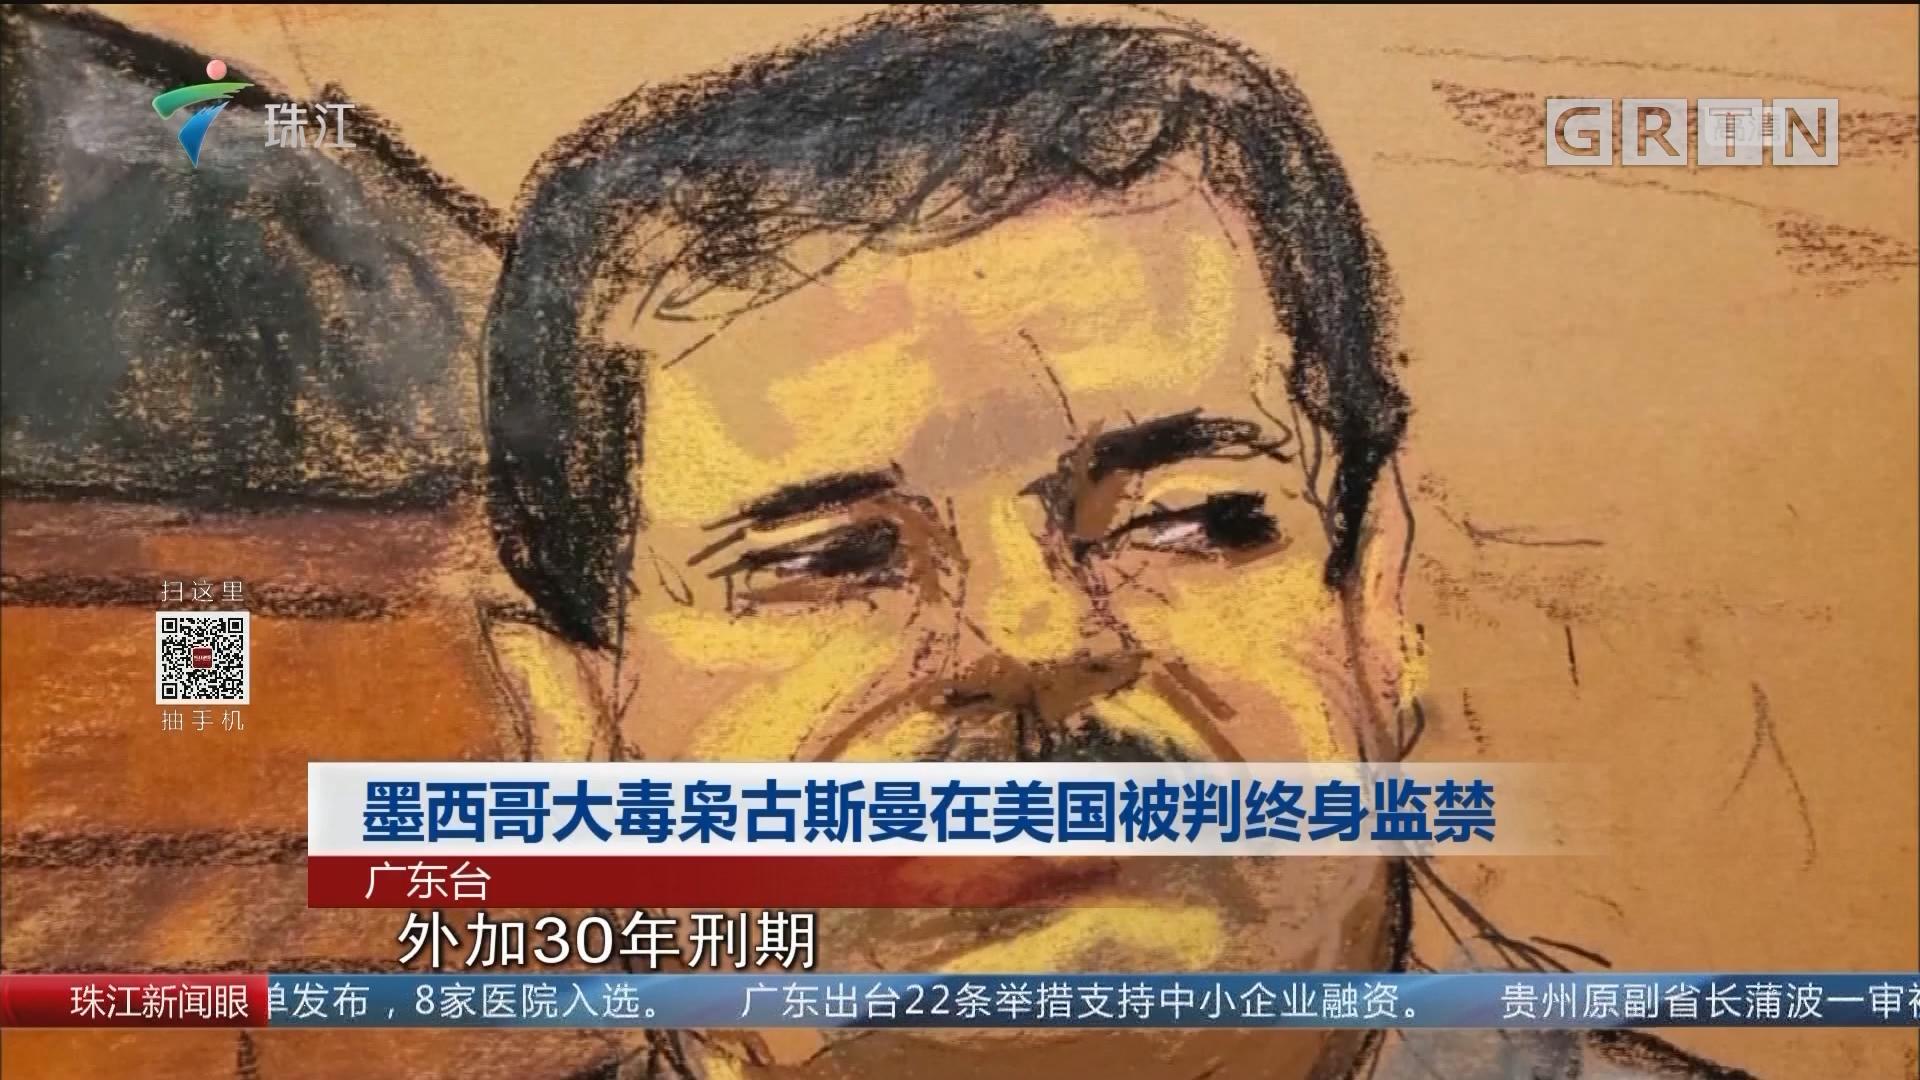 墨西哥大毒枭古斯曼在美国被判终身监禁